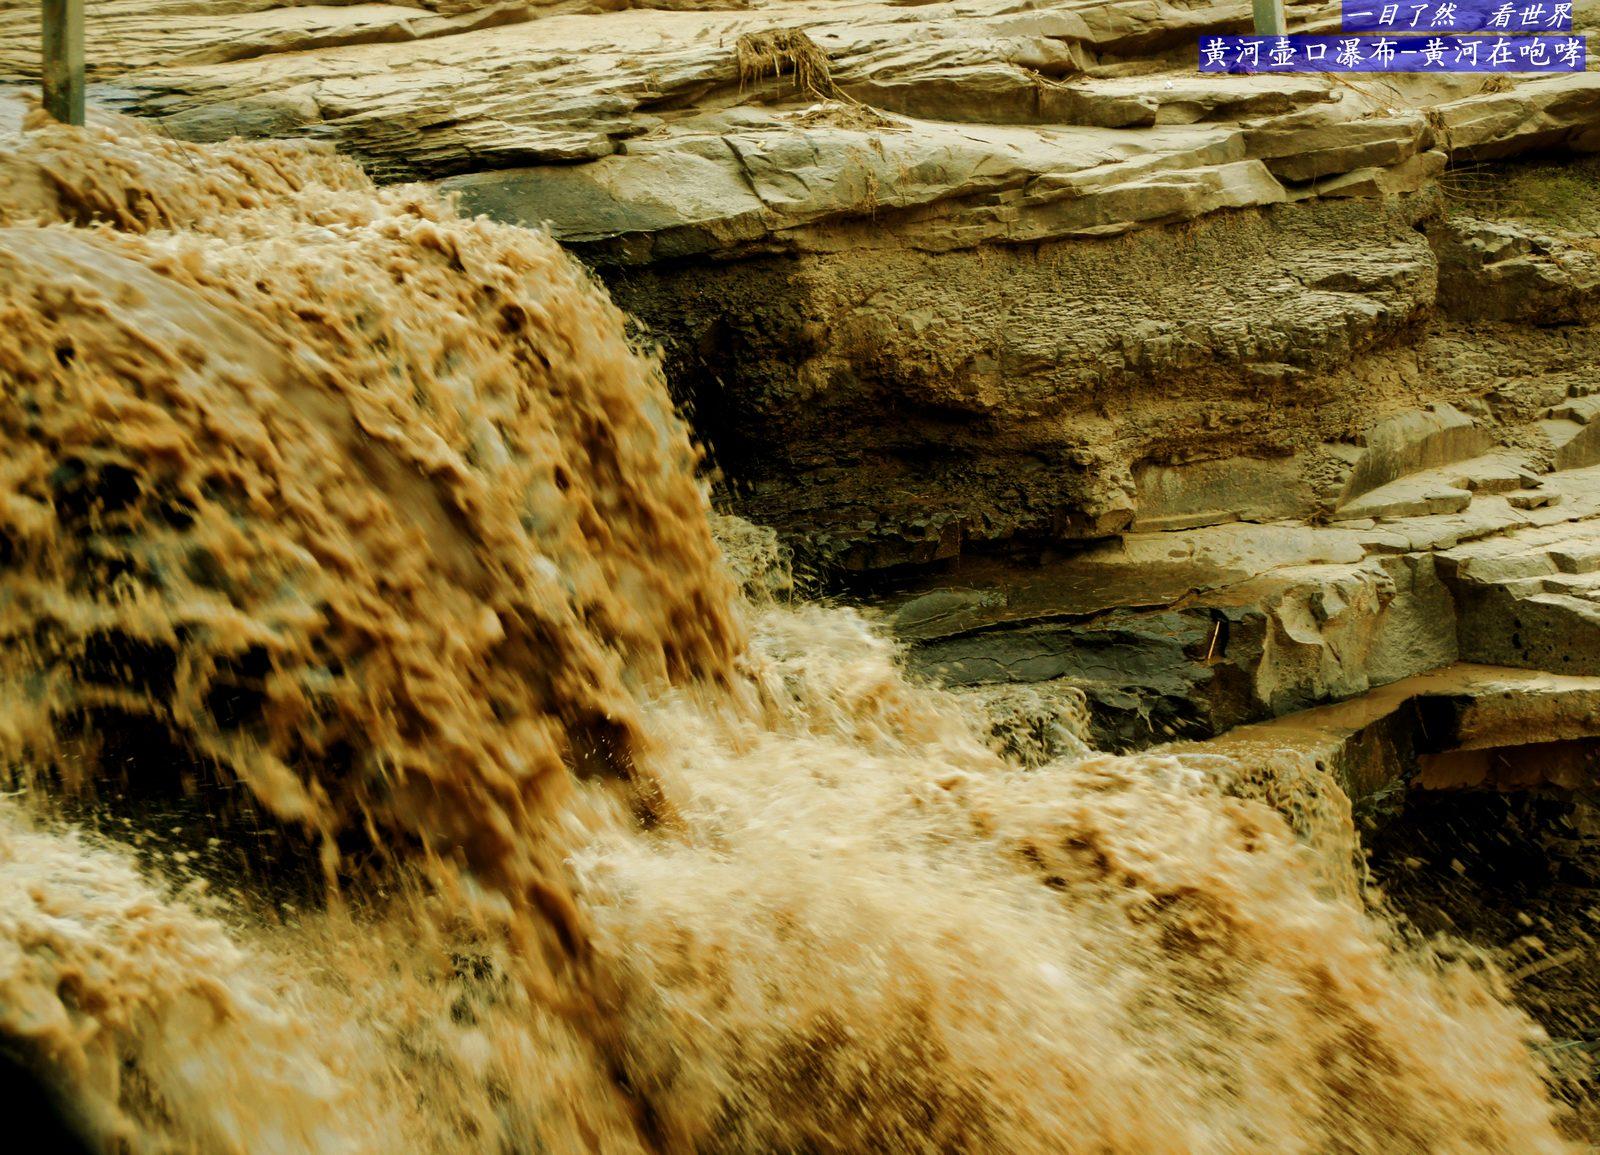 黄河壶口瀑布-014-1600.jpg